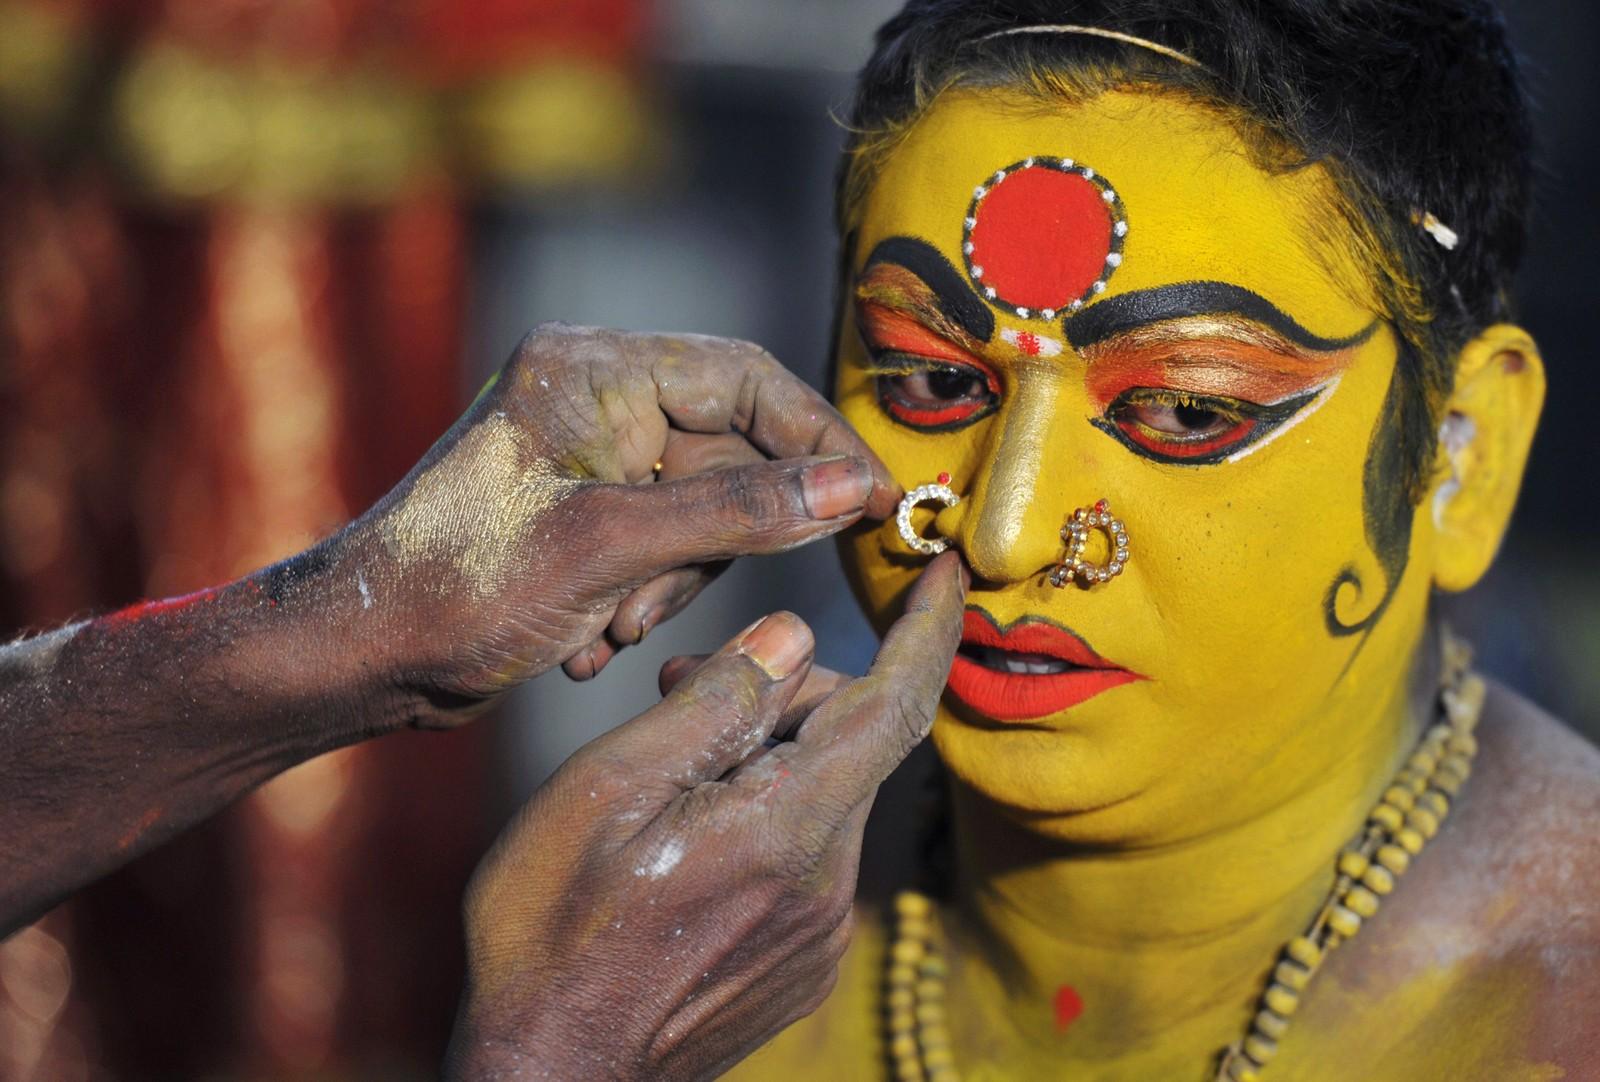 Den indiske artisten Korakula Munesh kles ut som den hinduistiske gudinnen Maha Kali før hun skal opptre på Bonalu-festivalen i Hyderabad den 1. august. Det er hovedsakelig kvinner som hedrer Maha Kali under festivalen.